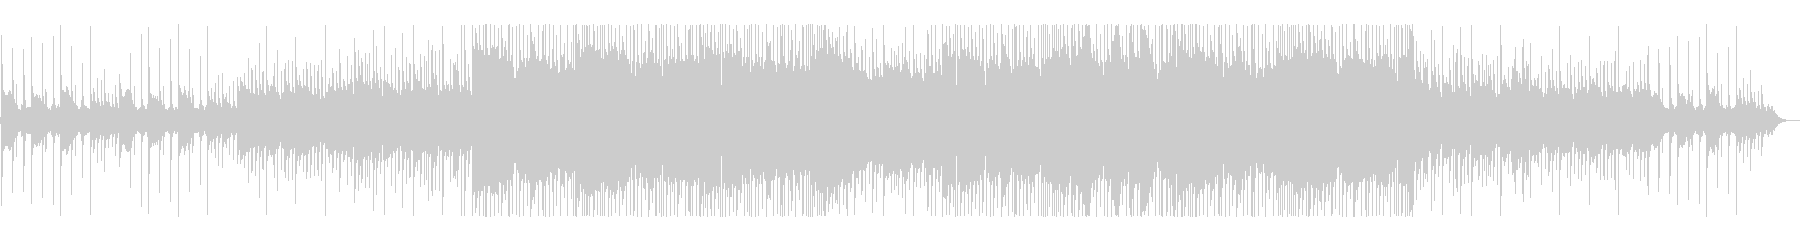 虫の声と切ないピアノのヒップホップ#02の未再生の波形